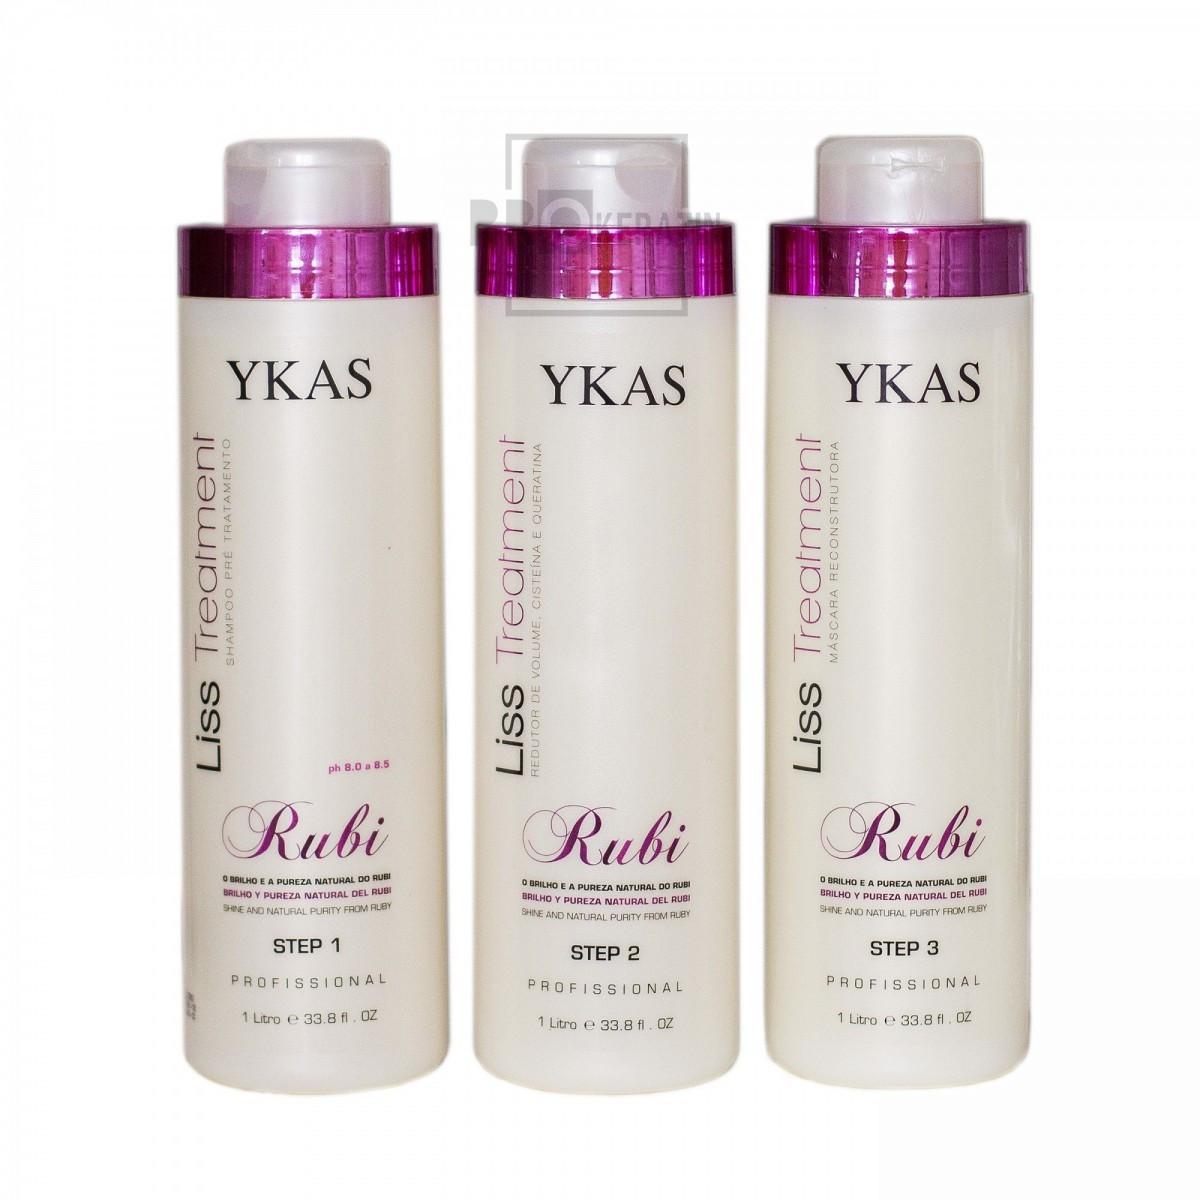 YKAS Rubi Набор кератина для волос 3х500 г (разлив)